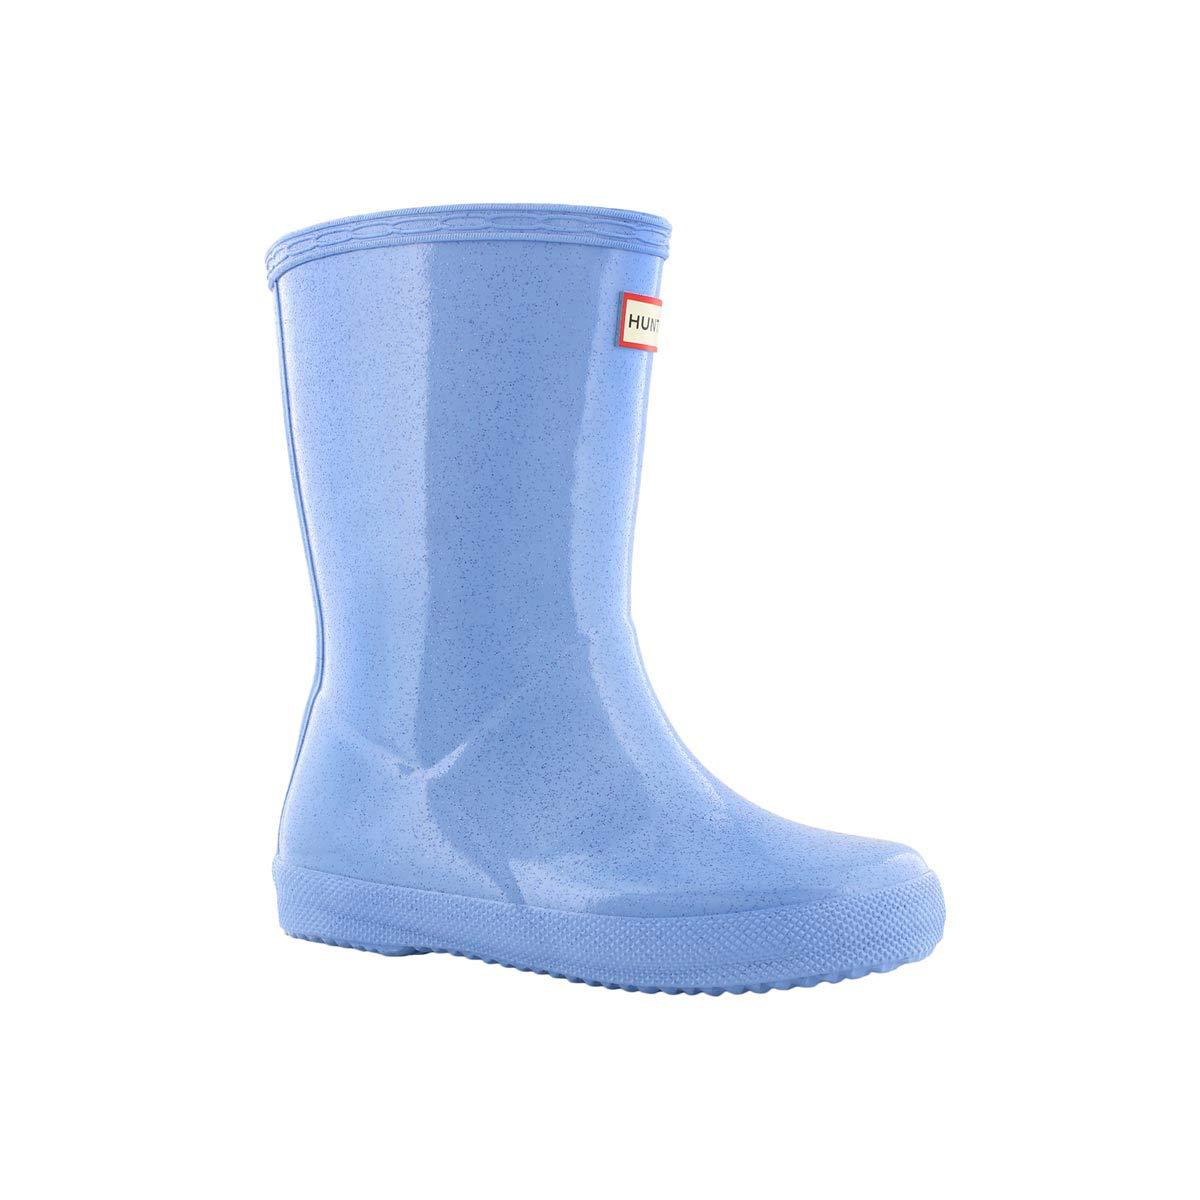 Infs First Clsc Starcloud blue rain boot